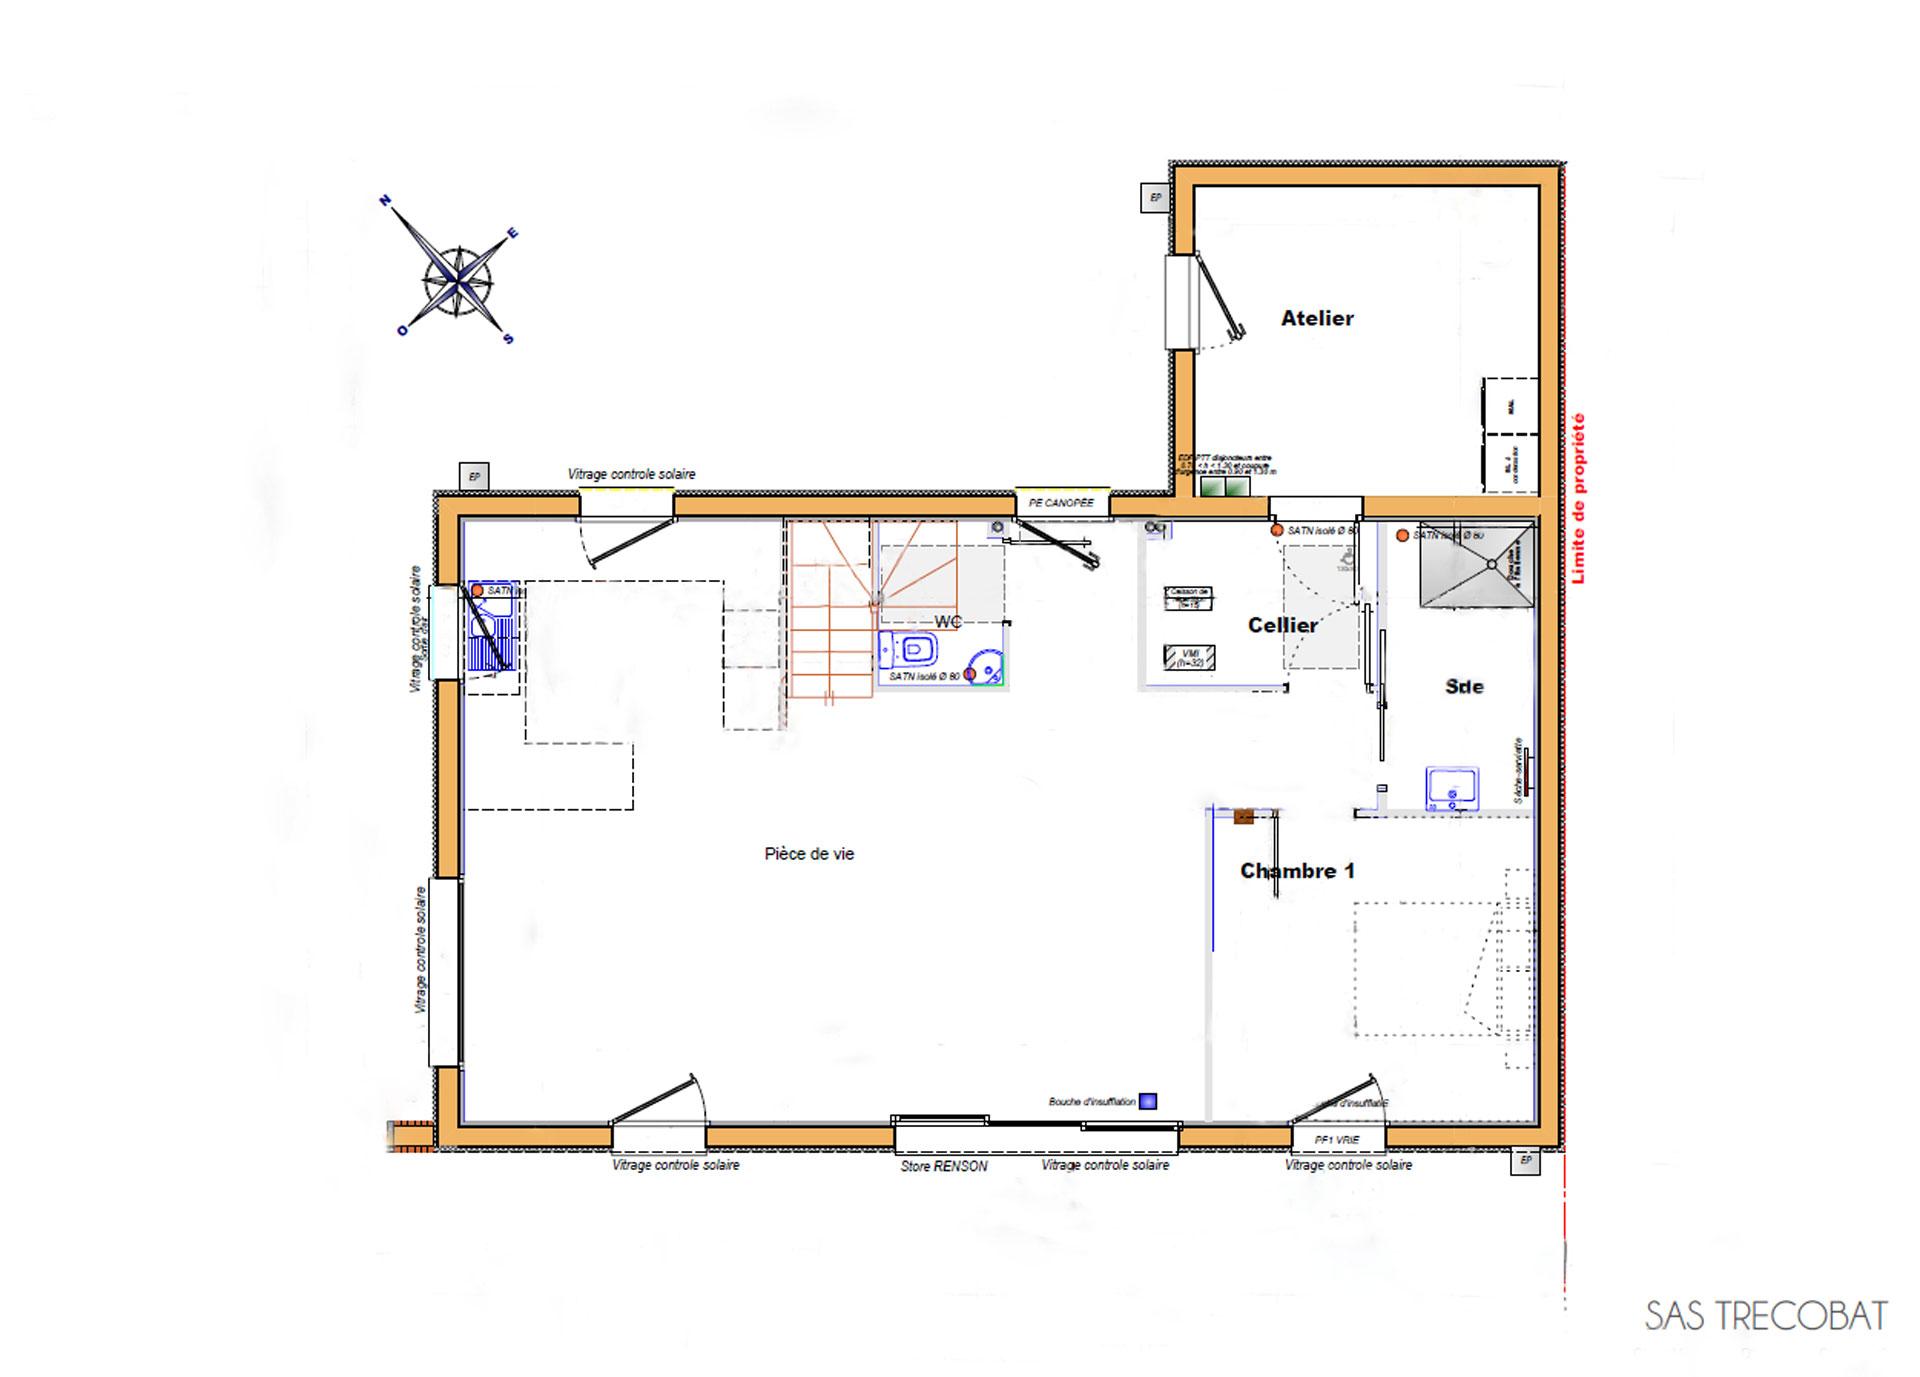 plan-rdc-maison-alleio